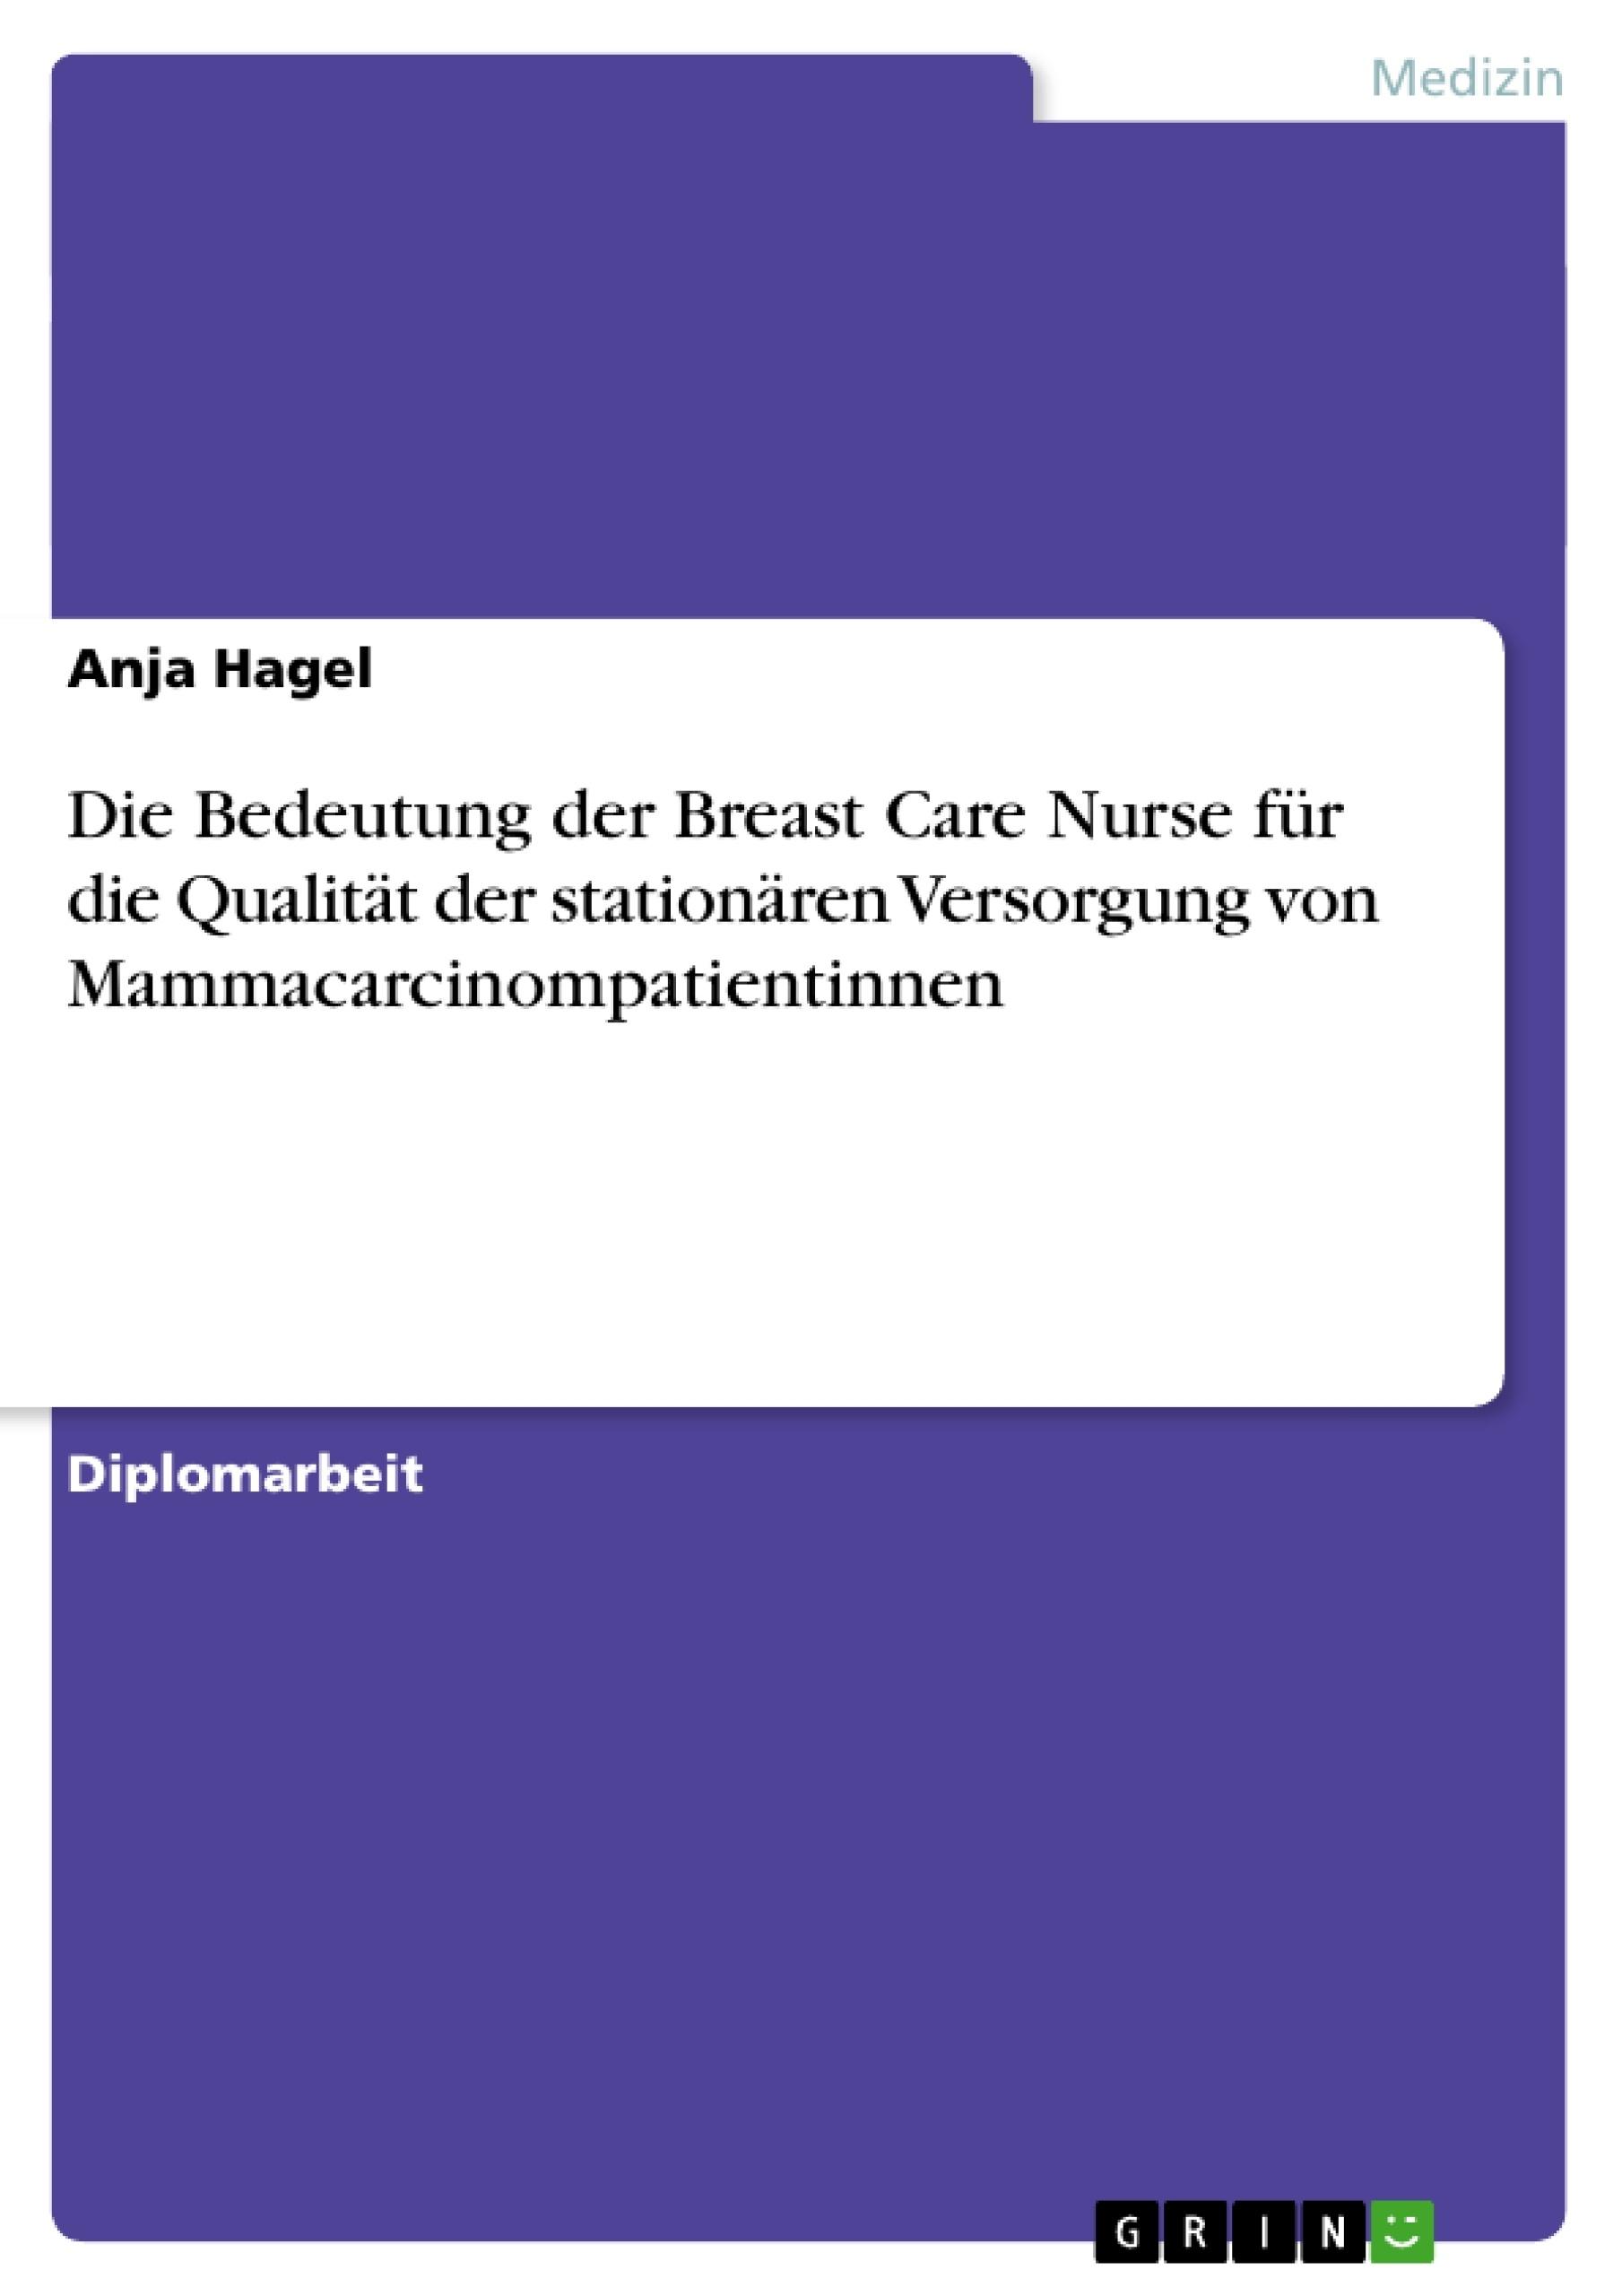 Titel: Die Bedeutung der Breast Care Nurse für die Qualität der stationären Versorgung von Mammacarcinompatientinnen